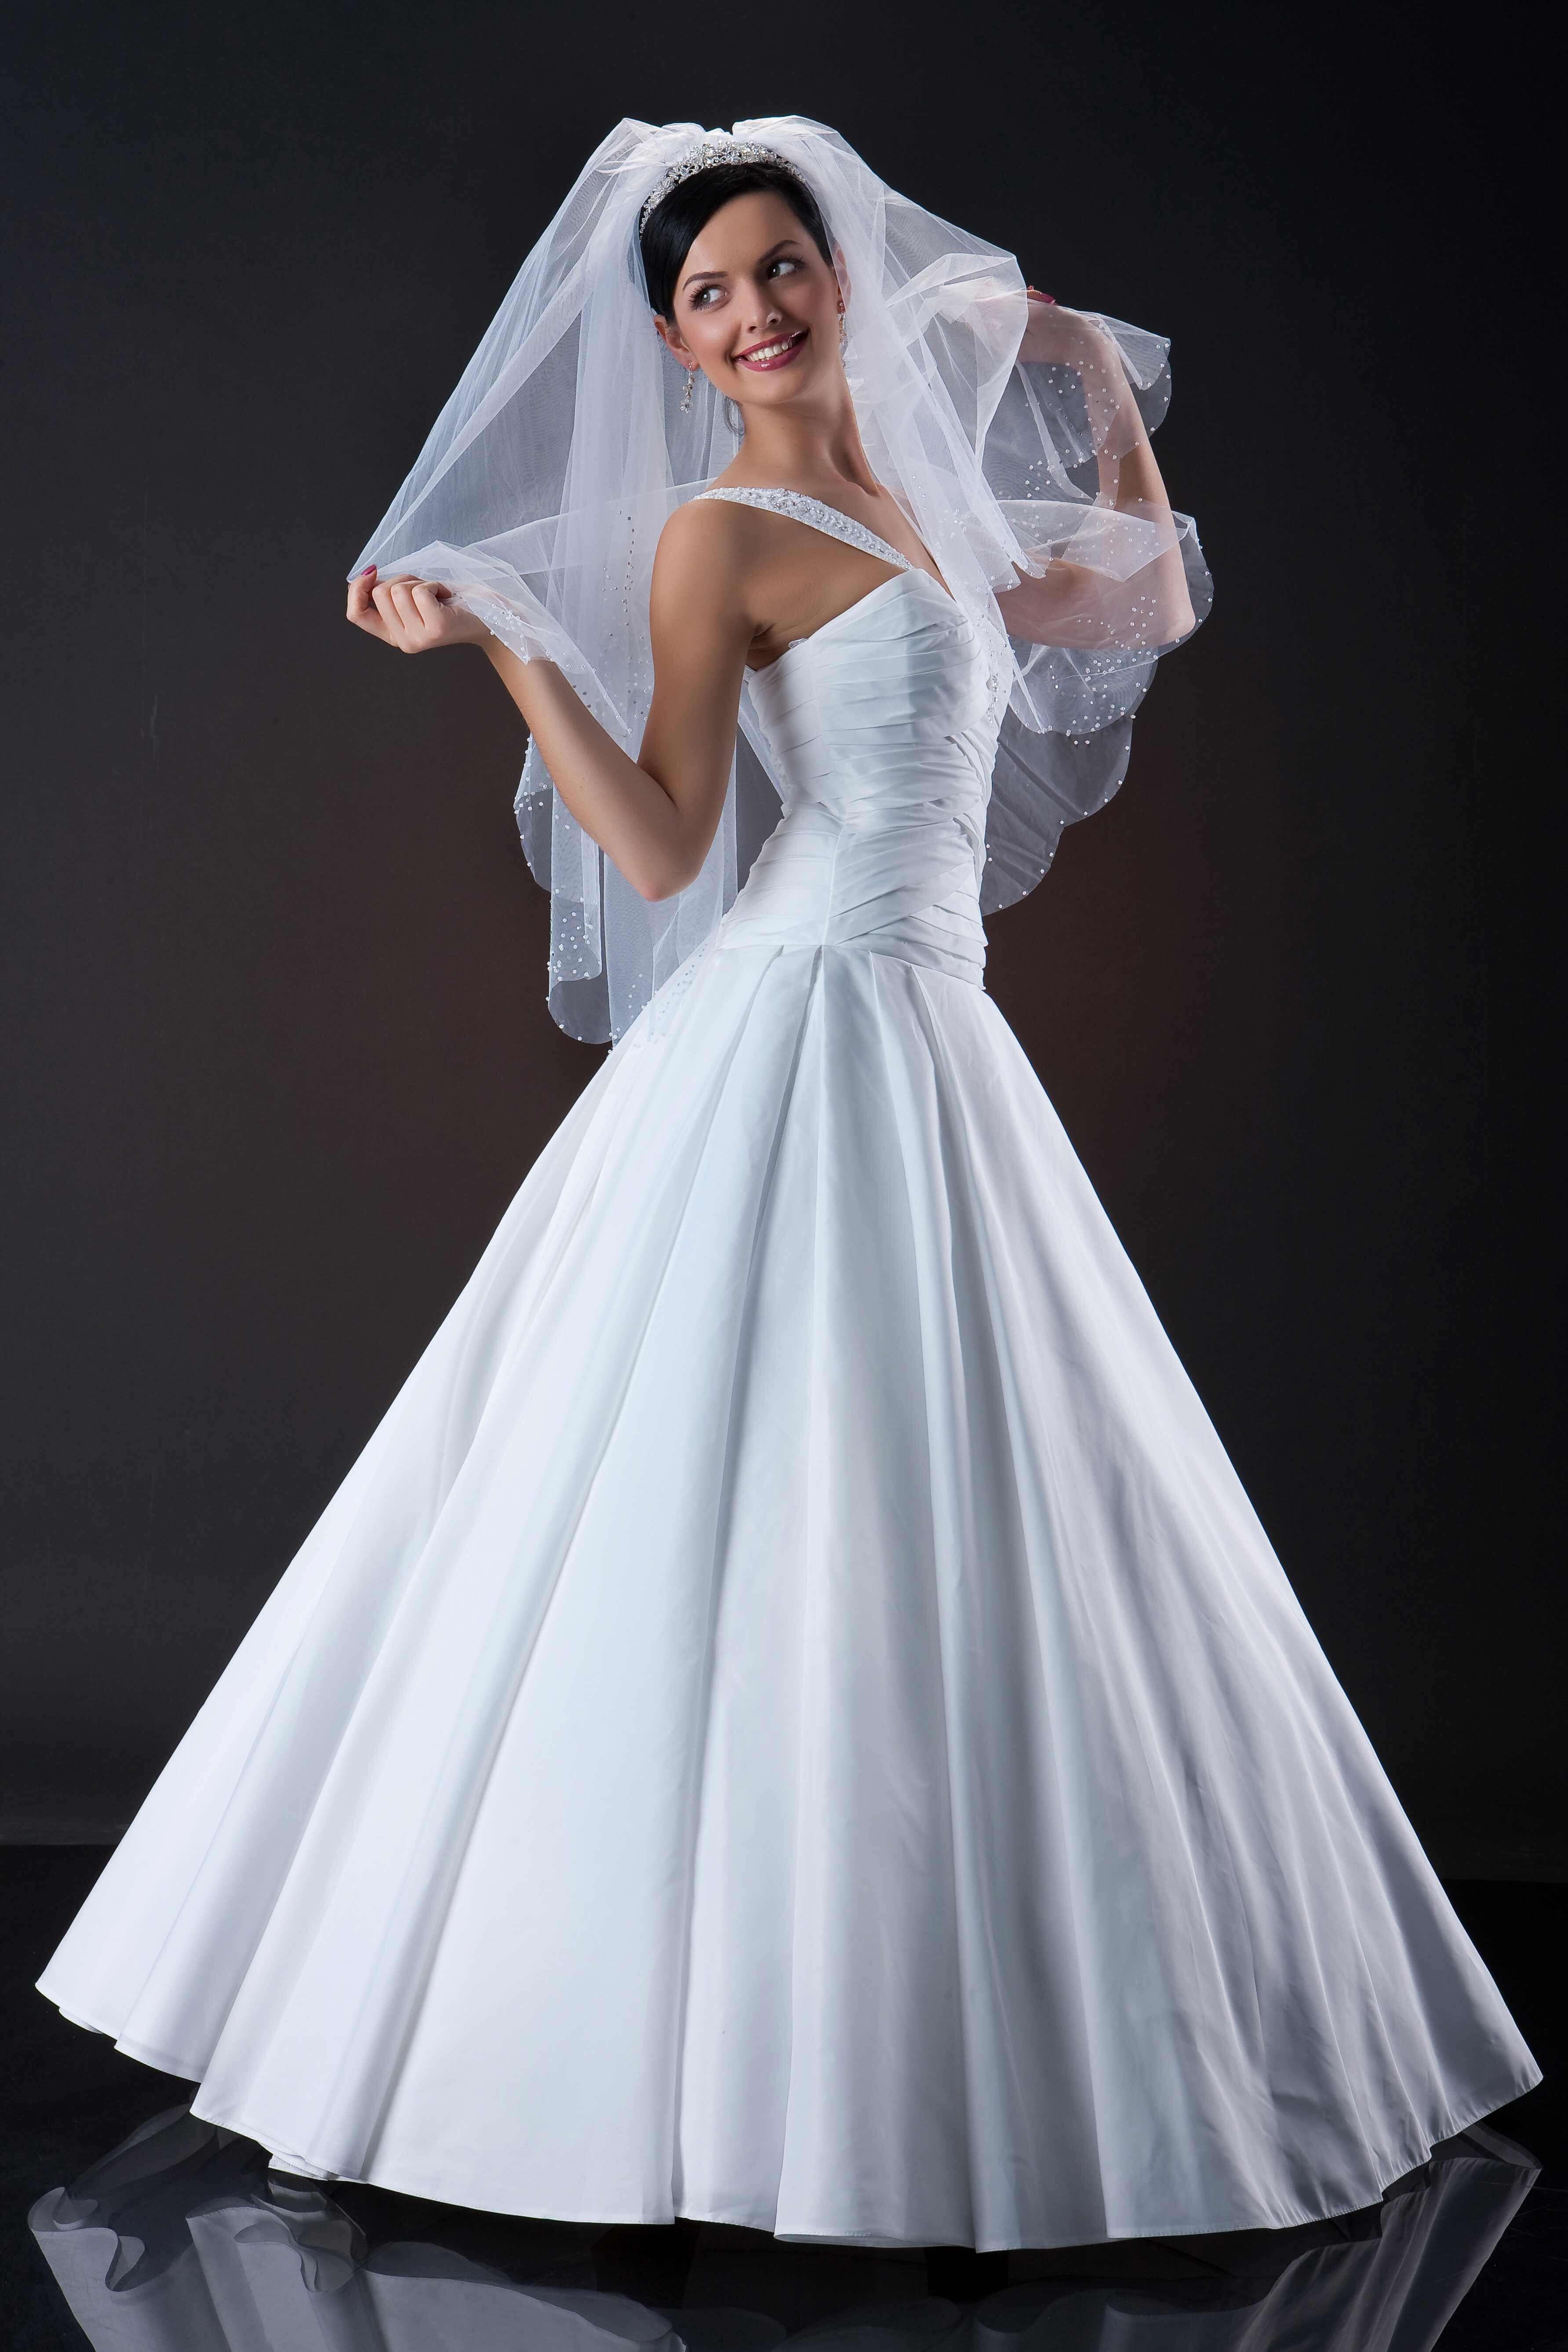 Brautkleider aus China - Erfahrungen